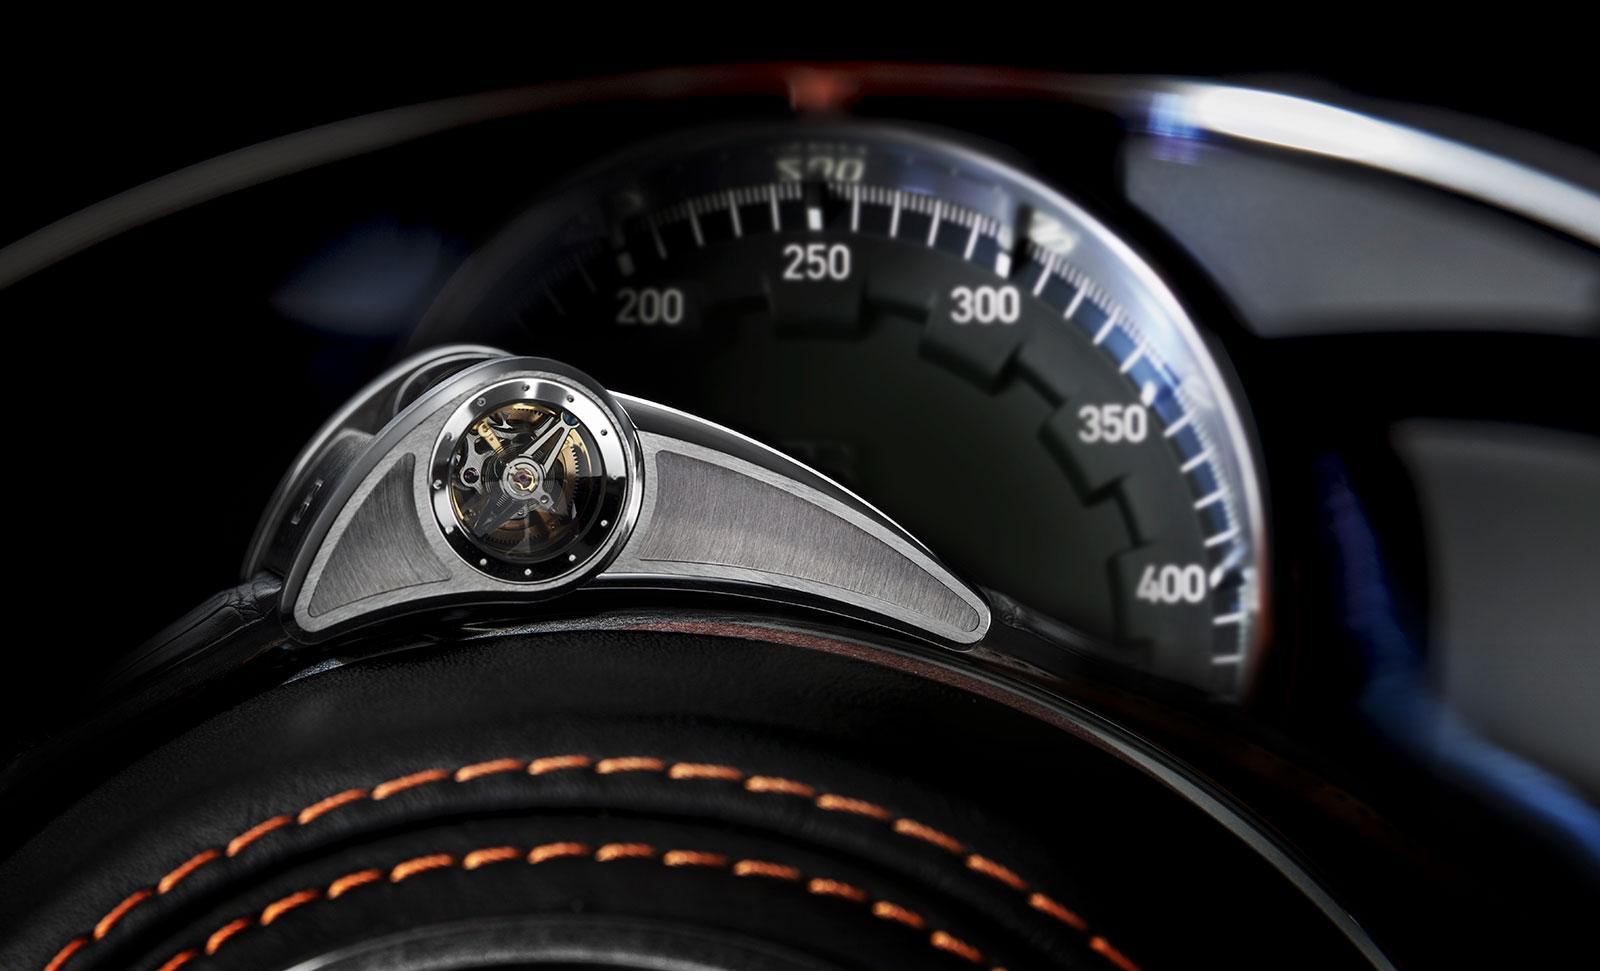 Parmigiani Bugatti Type 390 Chiron watch 5